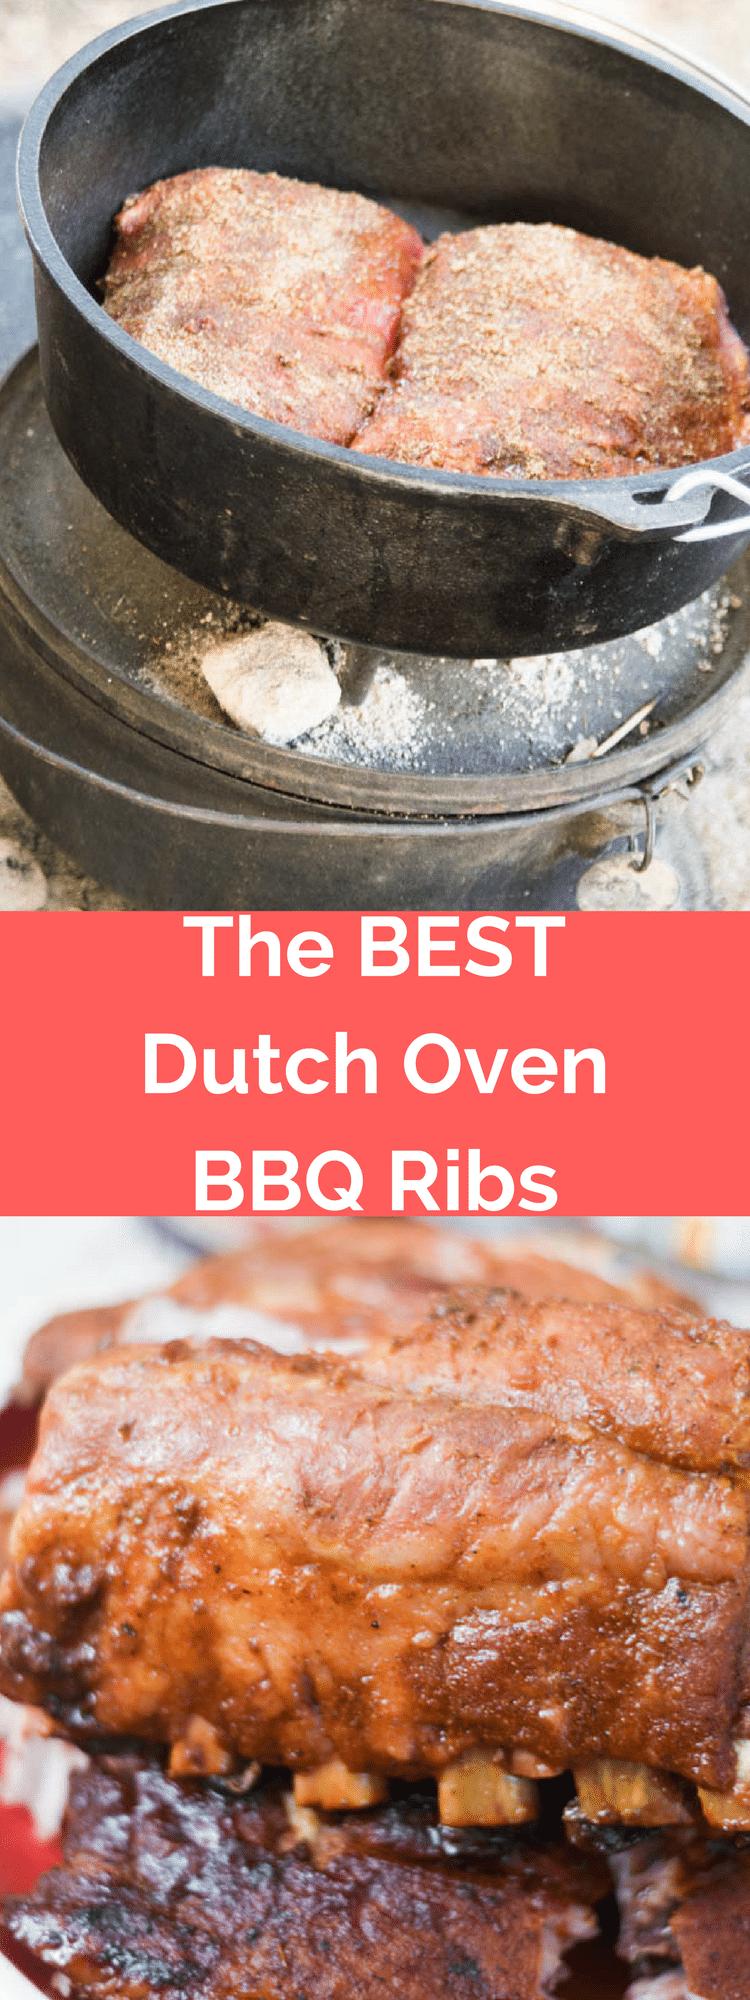 The Best Dutch Oven Ribs Recipe / Dutch Oven Ribs / Dutch Oven Baby Back Ribs / Dutch Oven BBQ Ribs / Dutch Oven Recipes / BBQ Spice Rub / Ribs Recipe / Best Ribs Recipe / Easy Ribs Recipe via @clarkscondensed